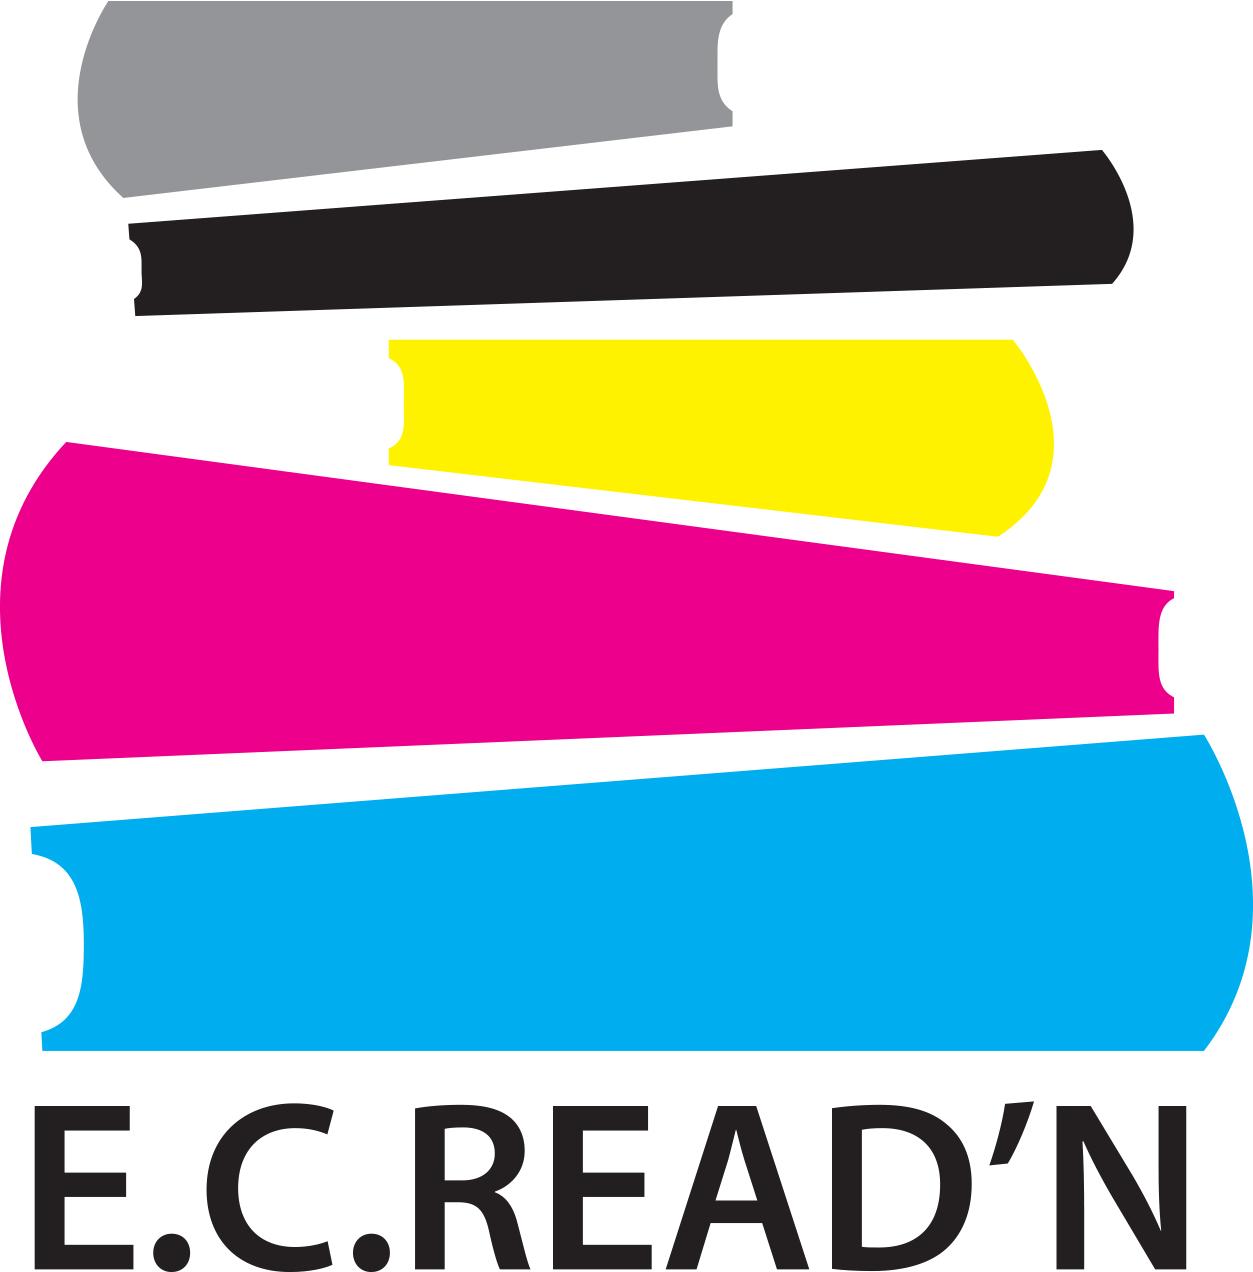 ECREADN_Logo_V3.png?mtime=20181019091709#asset:10835